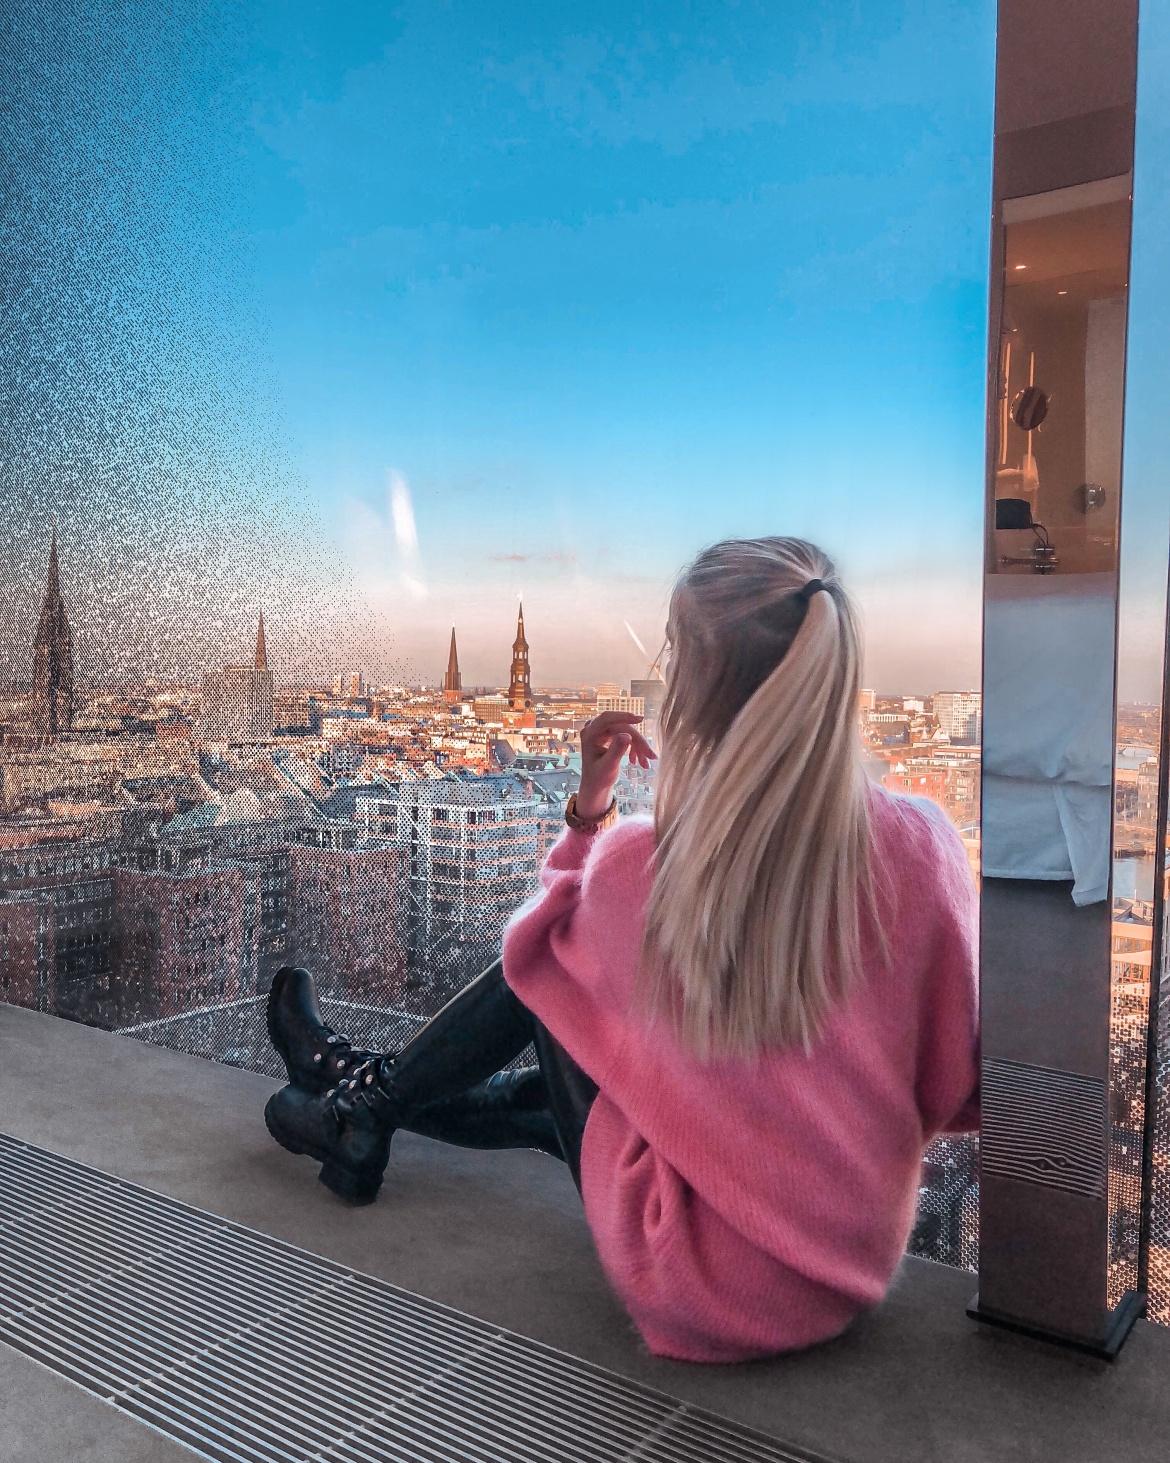 Westin Hamburg - Hotel Review